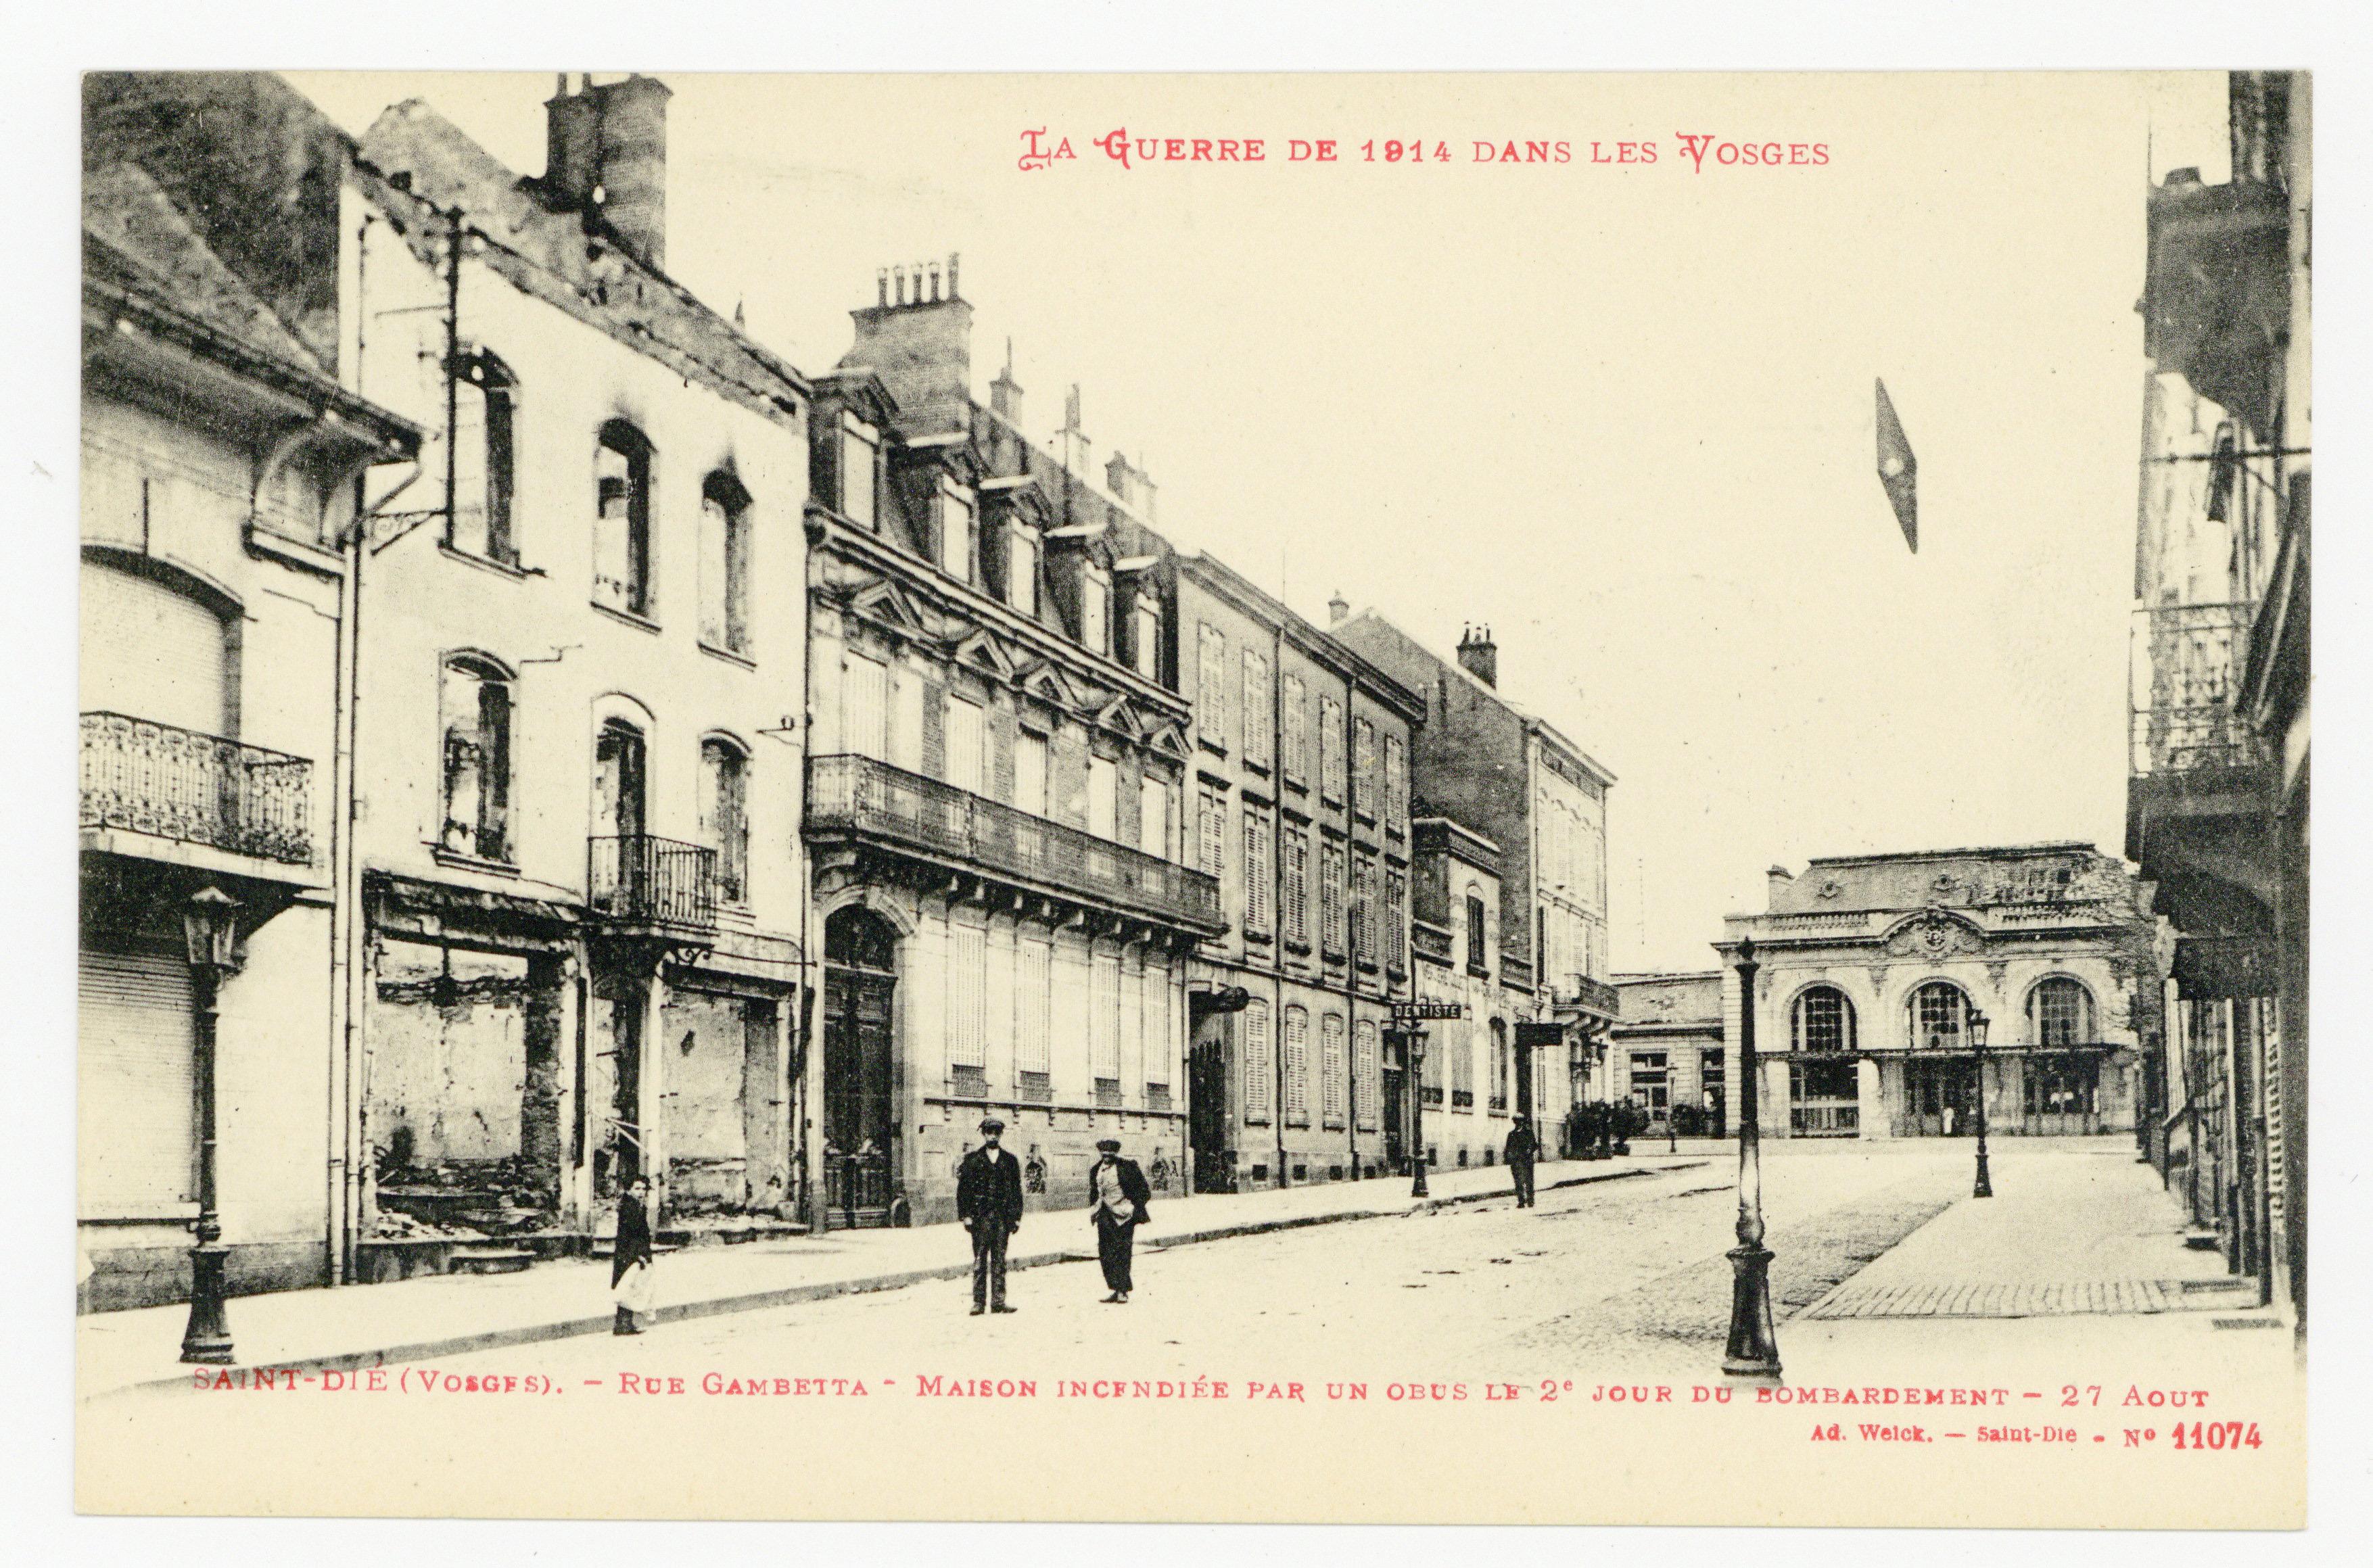 Contenu du Saint-Dié (Vosges). Rue Gambetta : maison incendiée par un obus le 2e jour du bombardement, 27 Août, la guerre de 1914 dans les Vosges